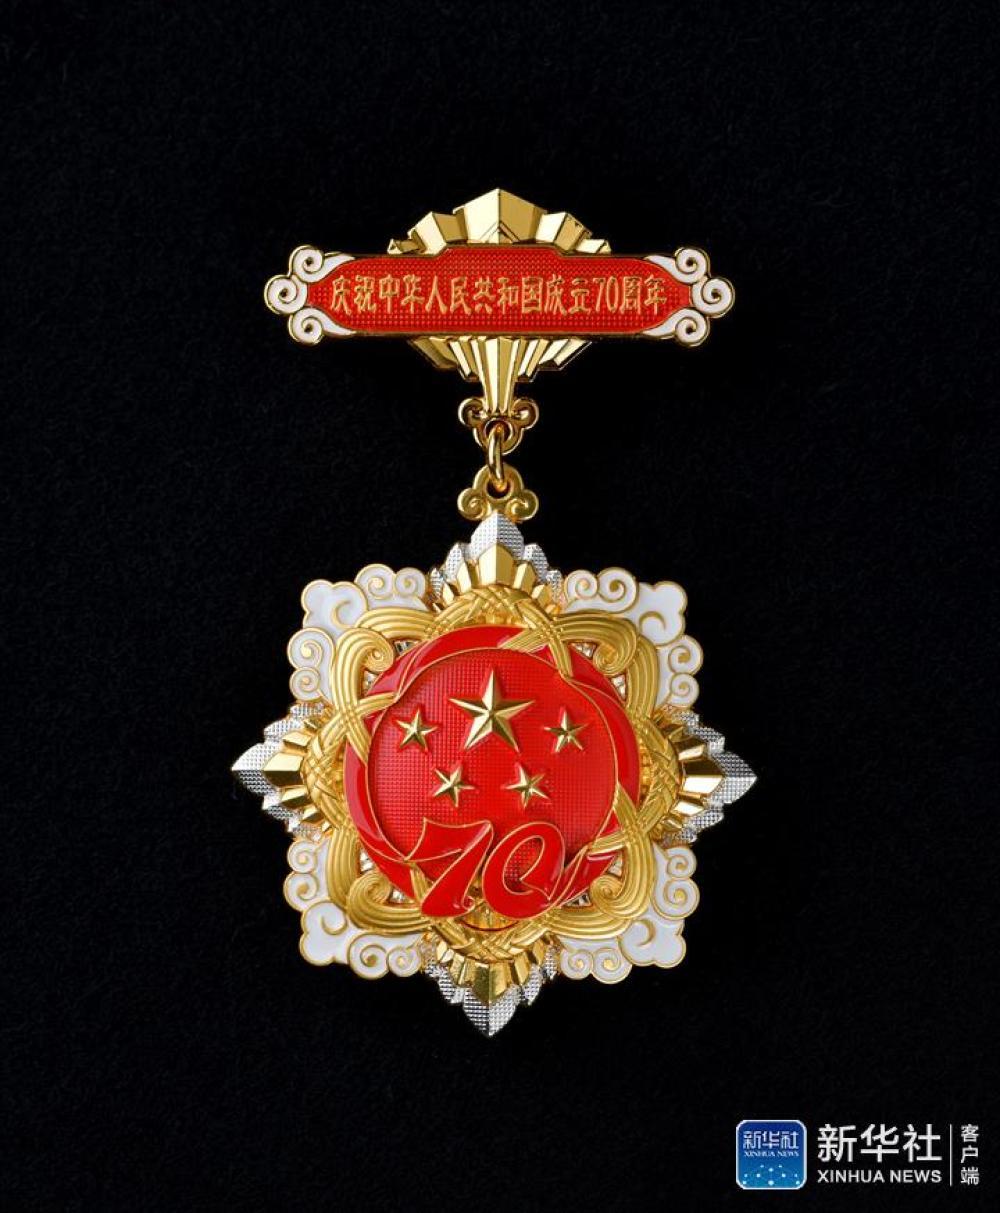 """这是""""庆祝中华人民共和国成立70周年""""纪念章(8月26日摄)。近日,中共中央、国务院、中央军委将颁发""""庆祝中华人民共和国成立70周年""""纪念章。新华社记者 李贺 摄"""